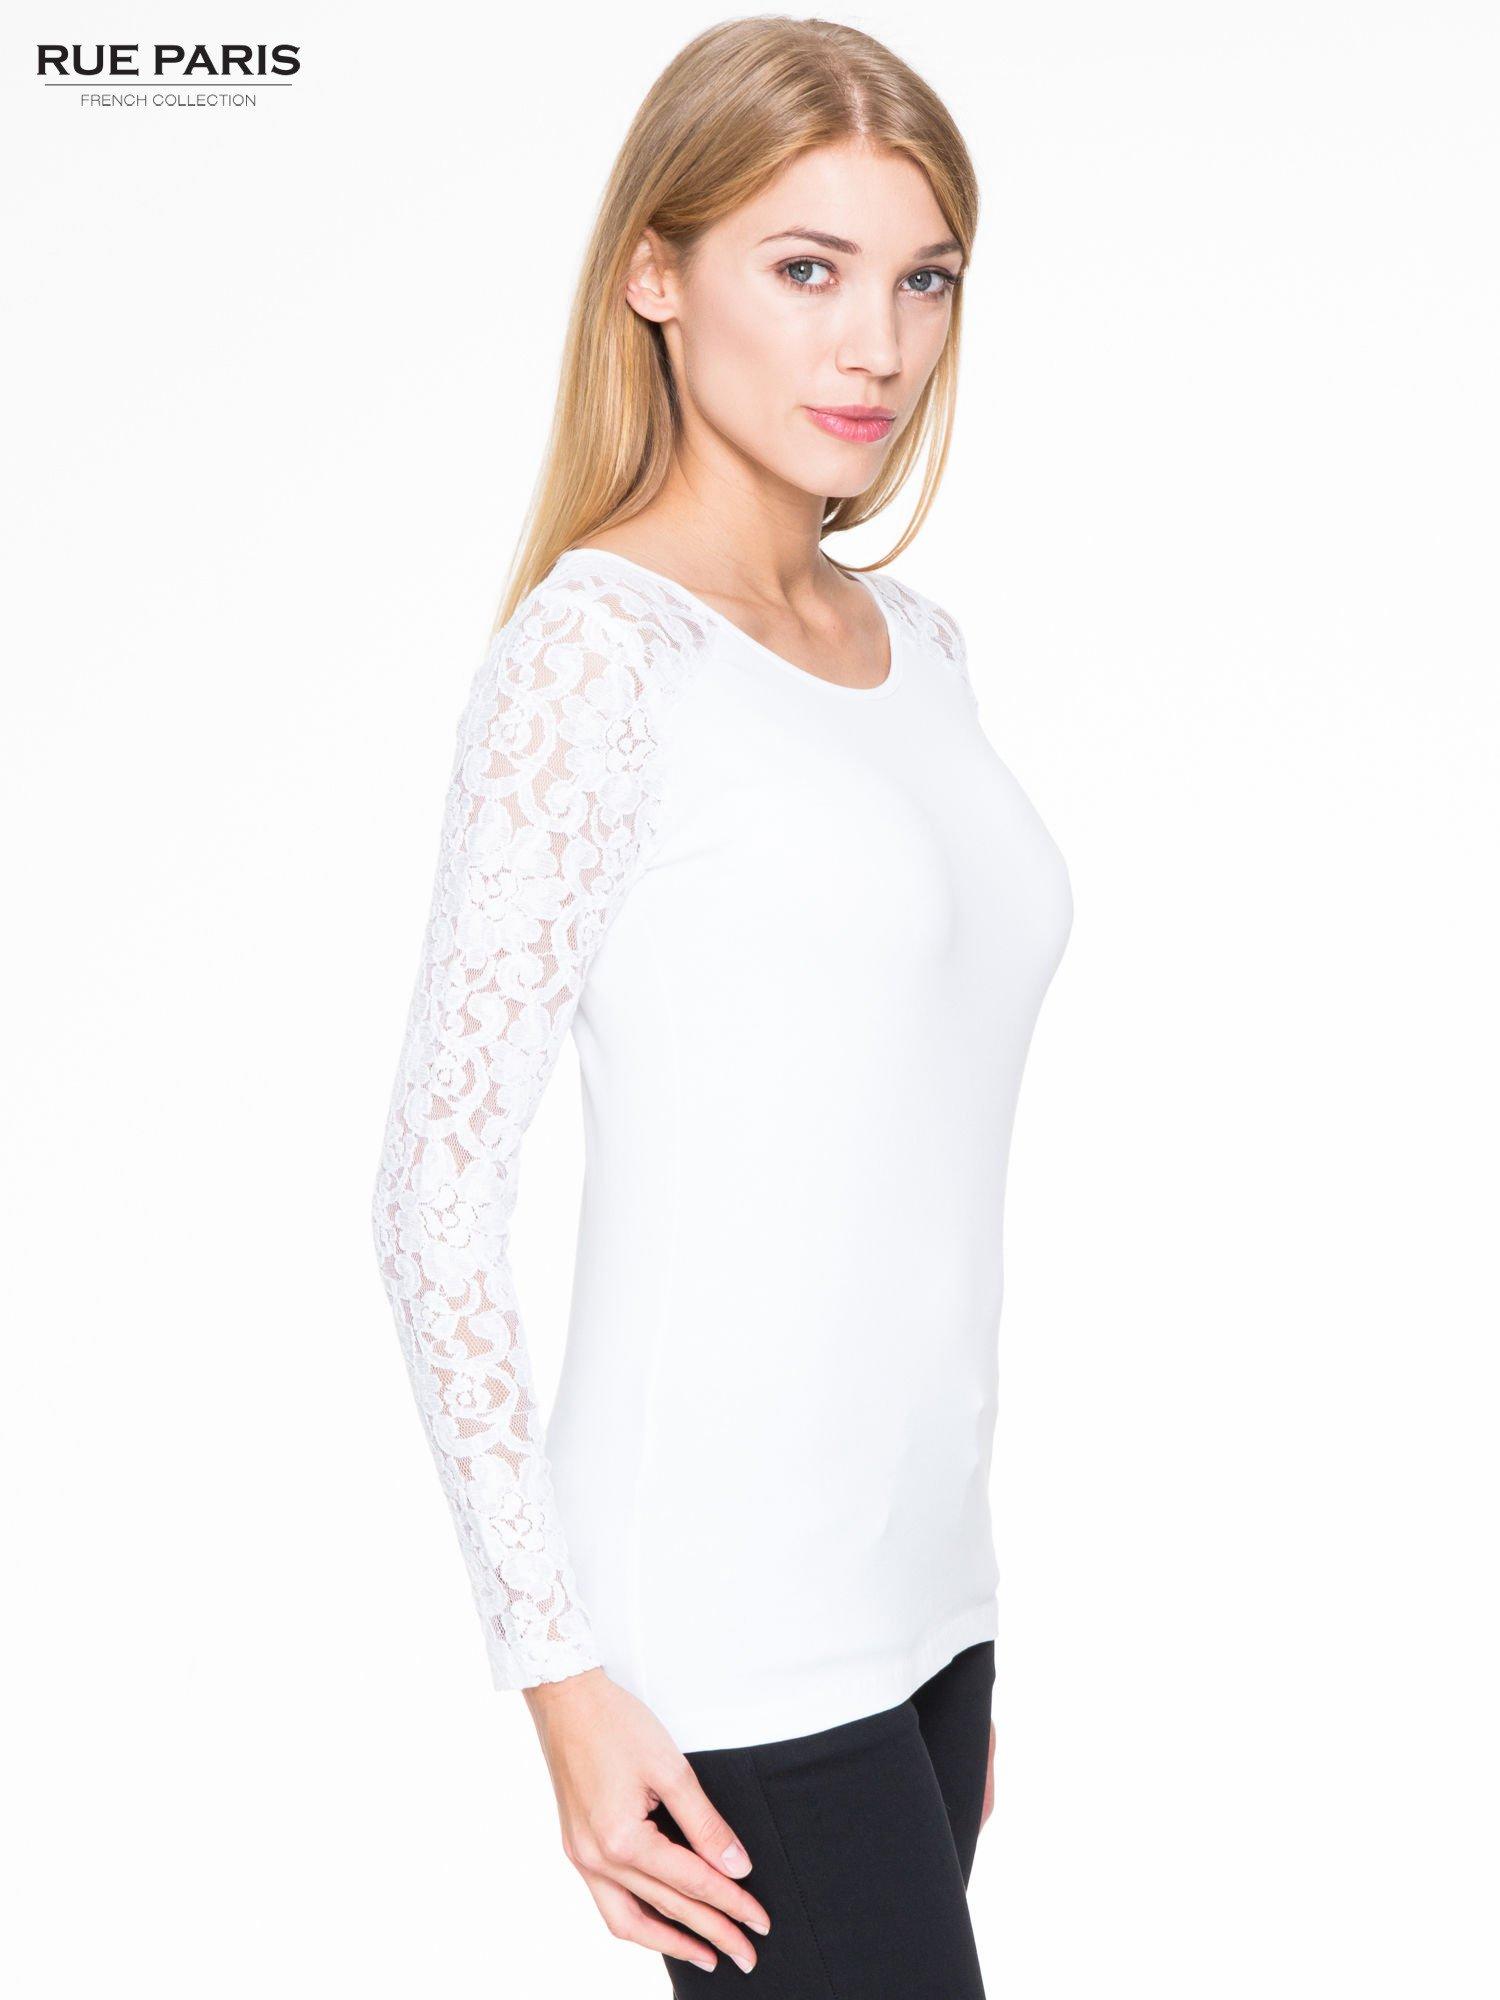 Biała bluzka z koronkowymi rękawami                                  zdj.                                  3